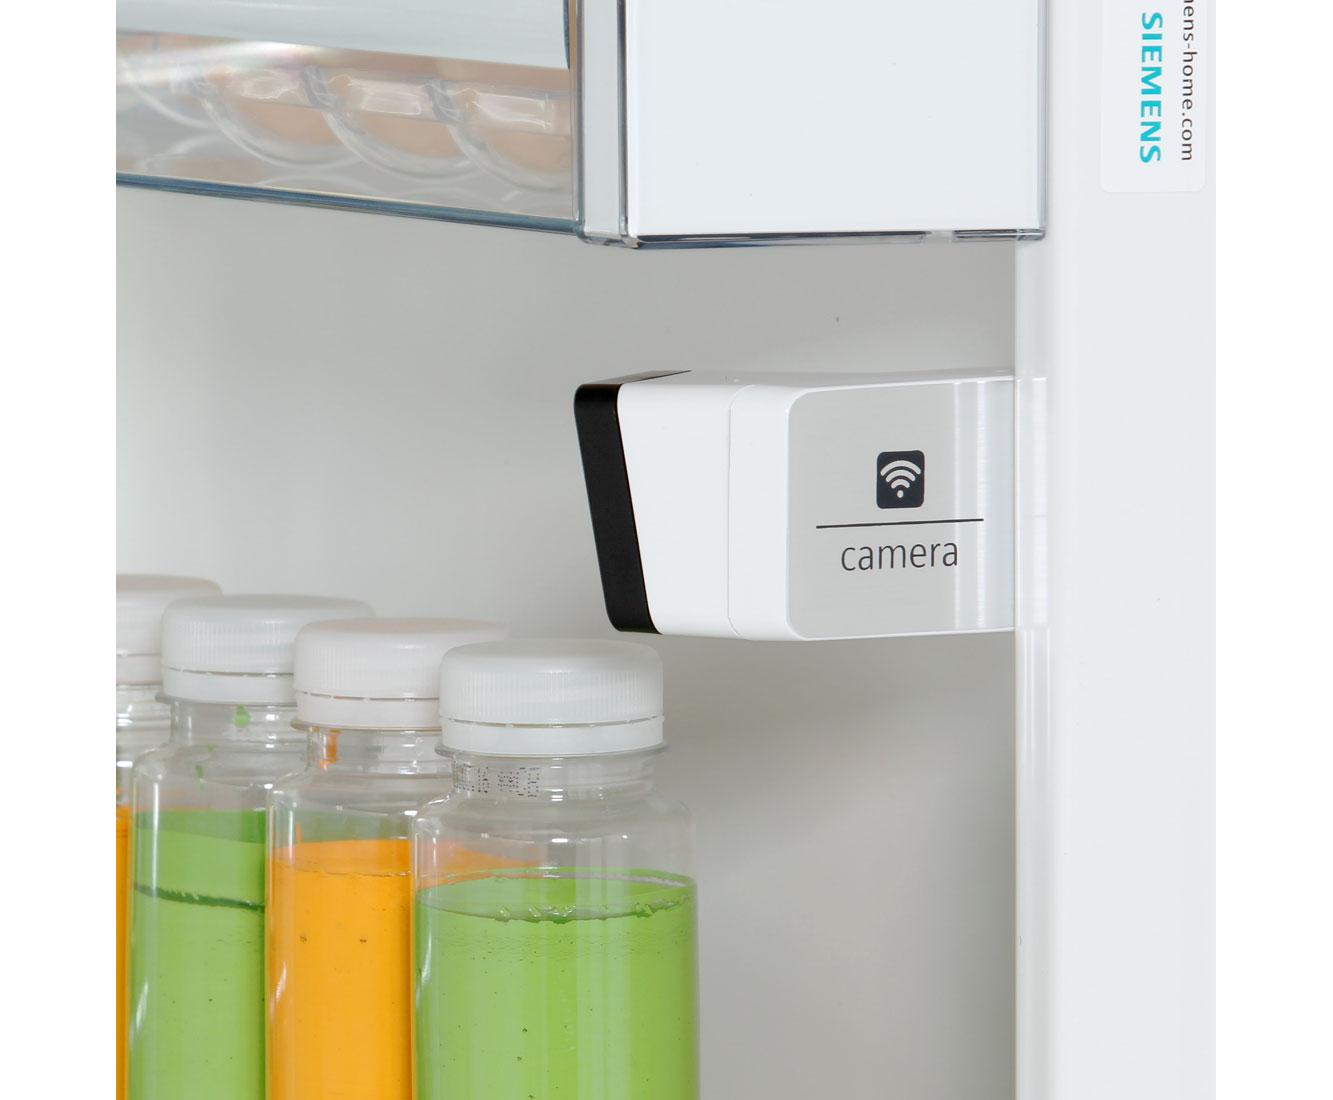 Siemens Kühlschrank Kamera : Vernetzte kuehlschränke haben mehrere kameras und denken mit gfu